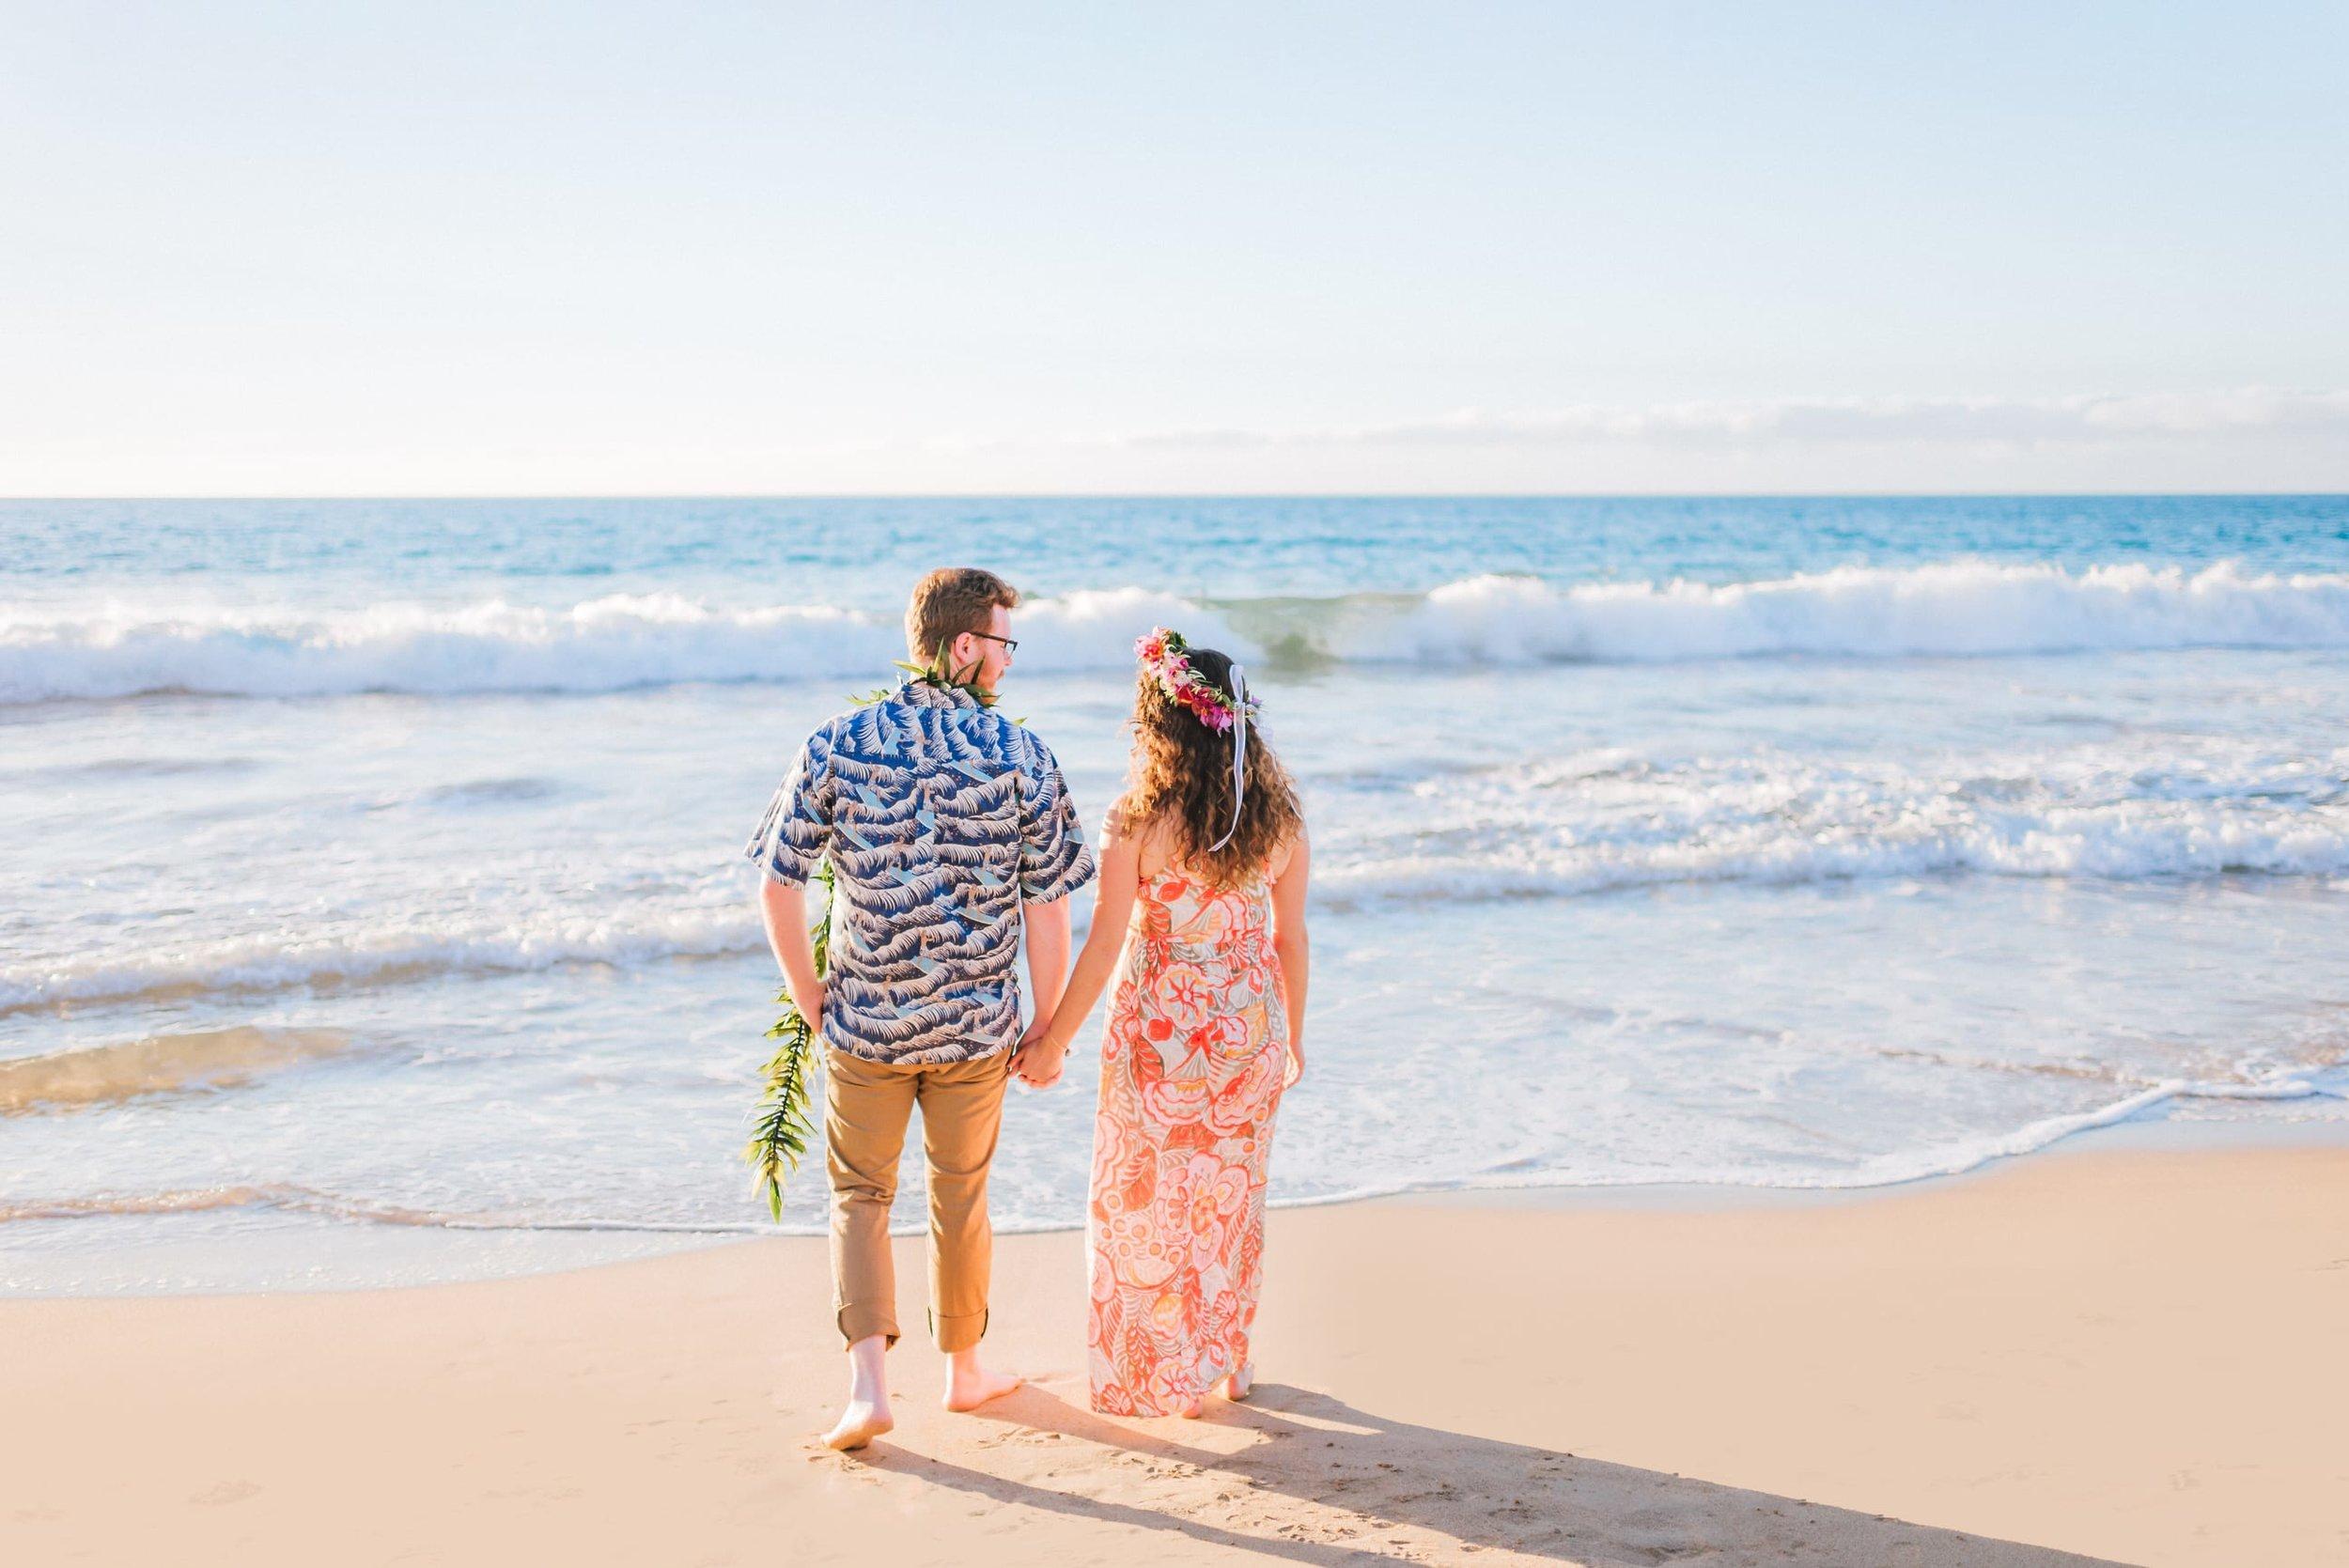 Kona-Honeymoon-Vacation-Photographer-Hawaii-6.jpg